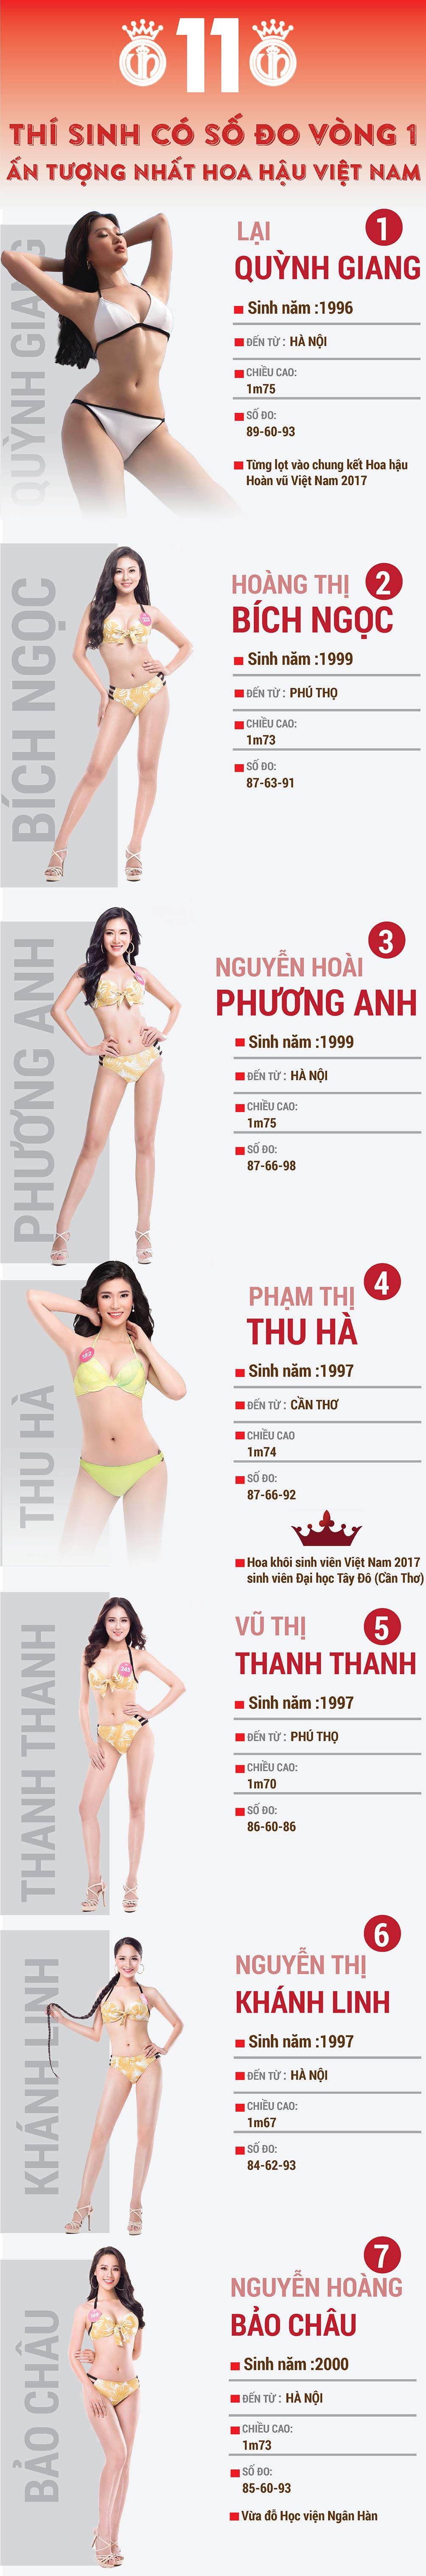 11 cô gái có vòng 1 đầy đặn nhất Hoa hậu Việt Nam